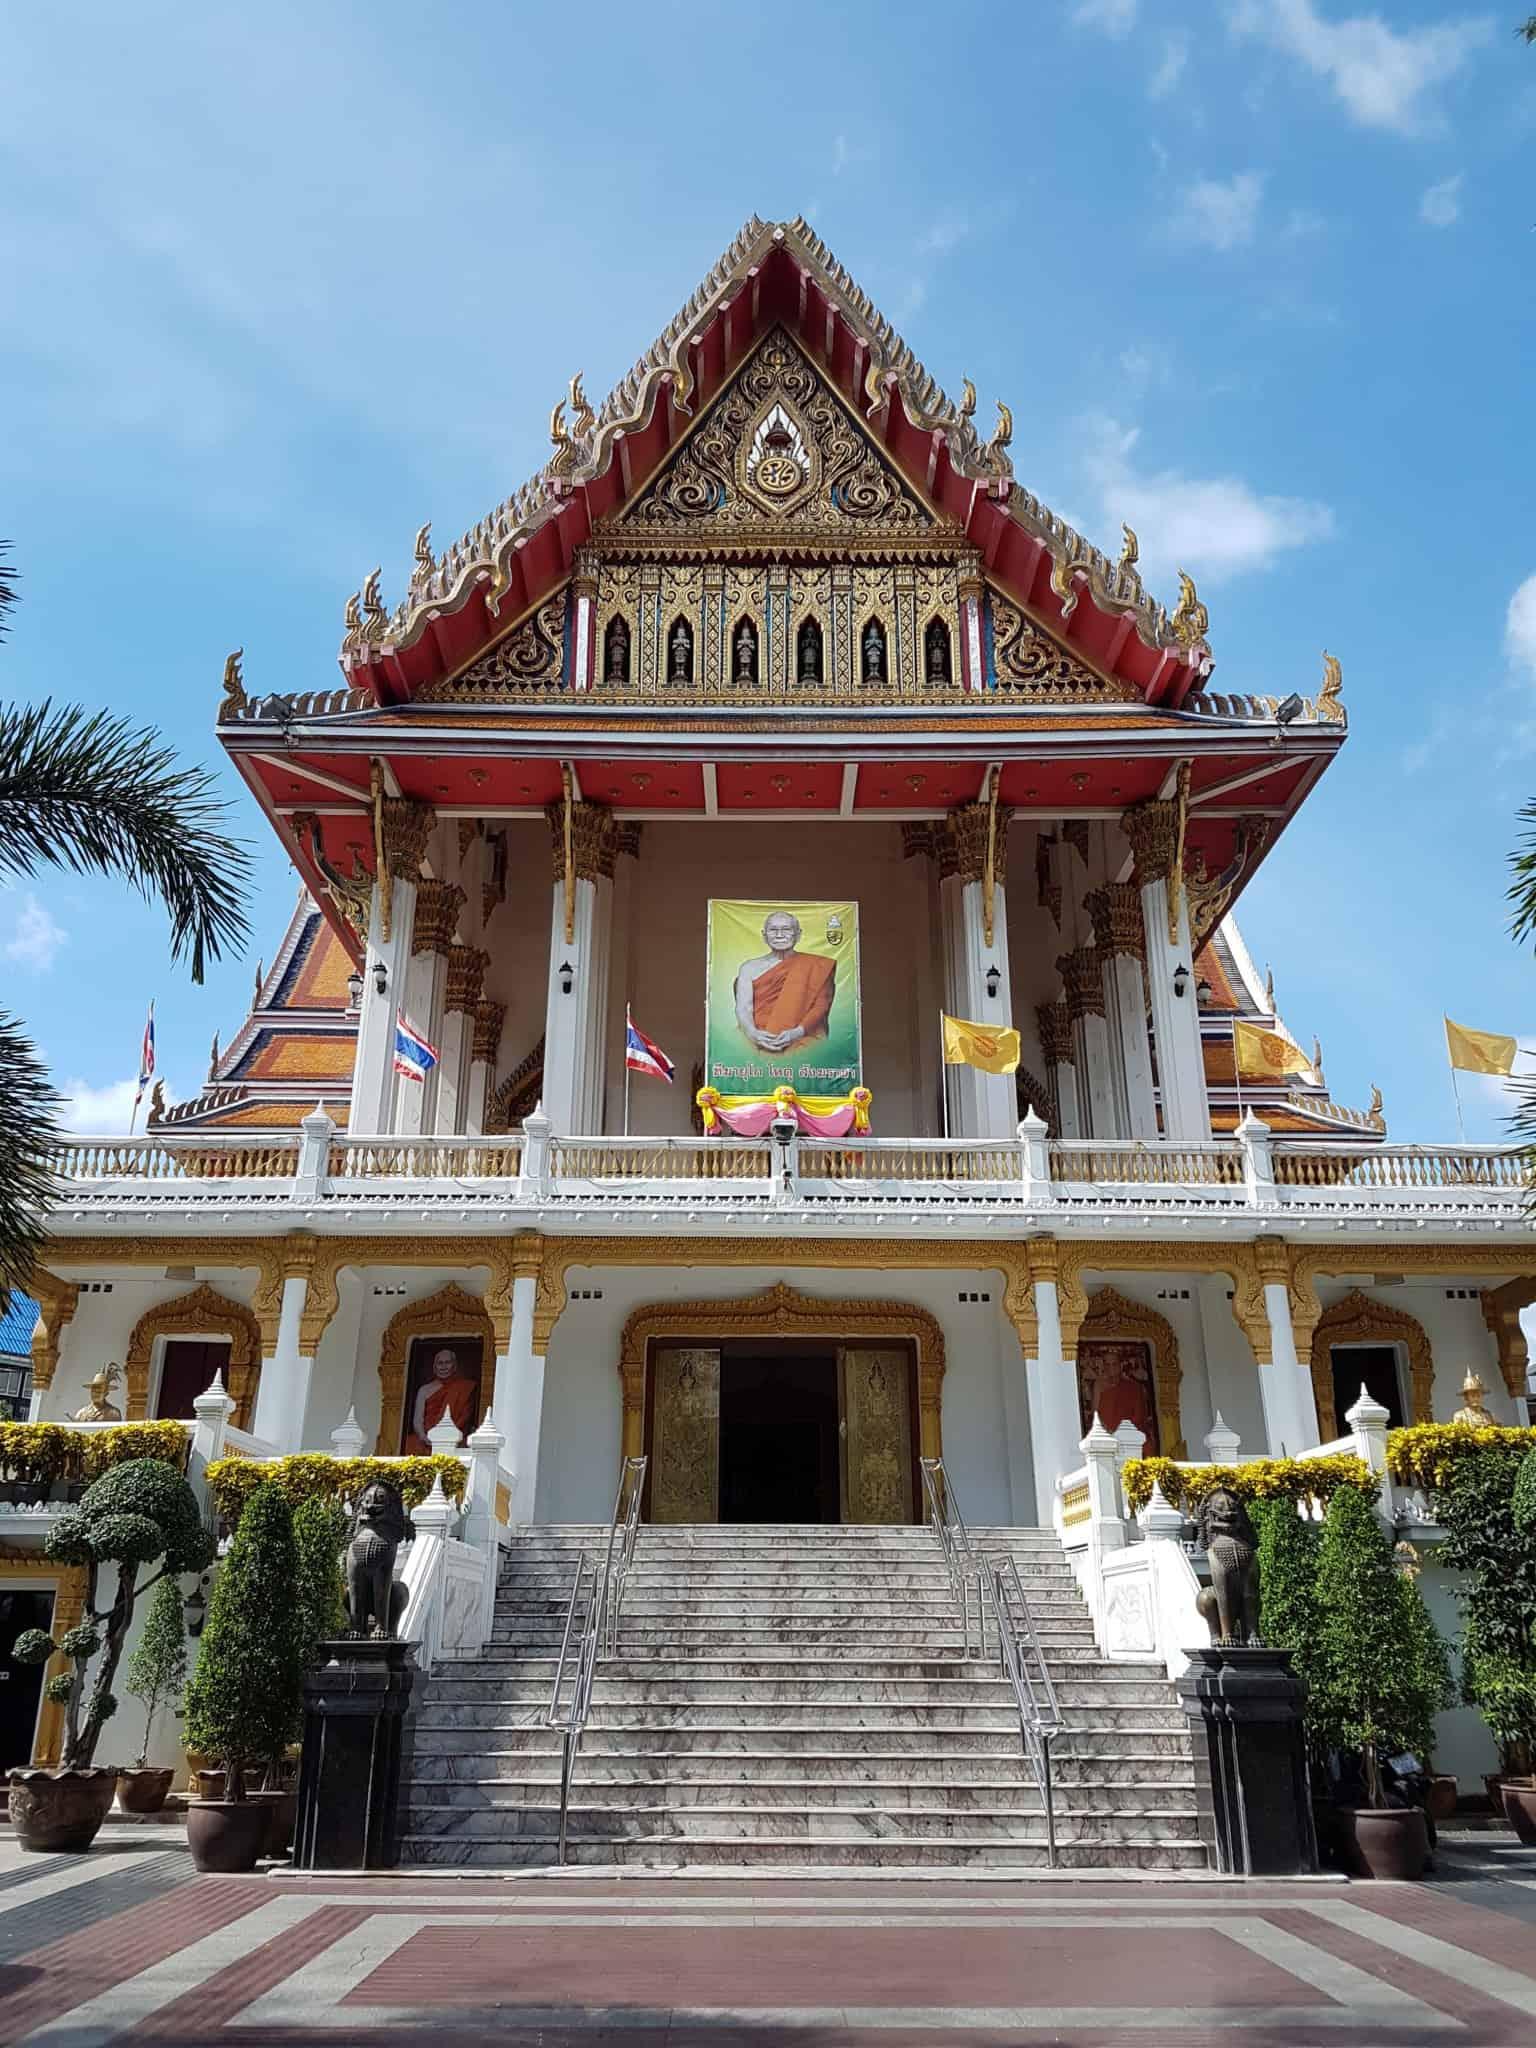 Thaïlande, marché aux fleurs et quartier Chinois de Bangkok 🎎 4